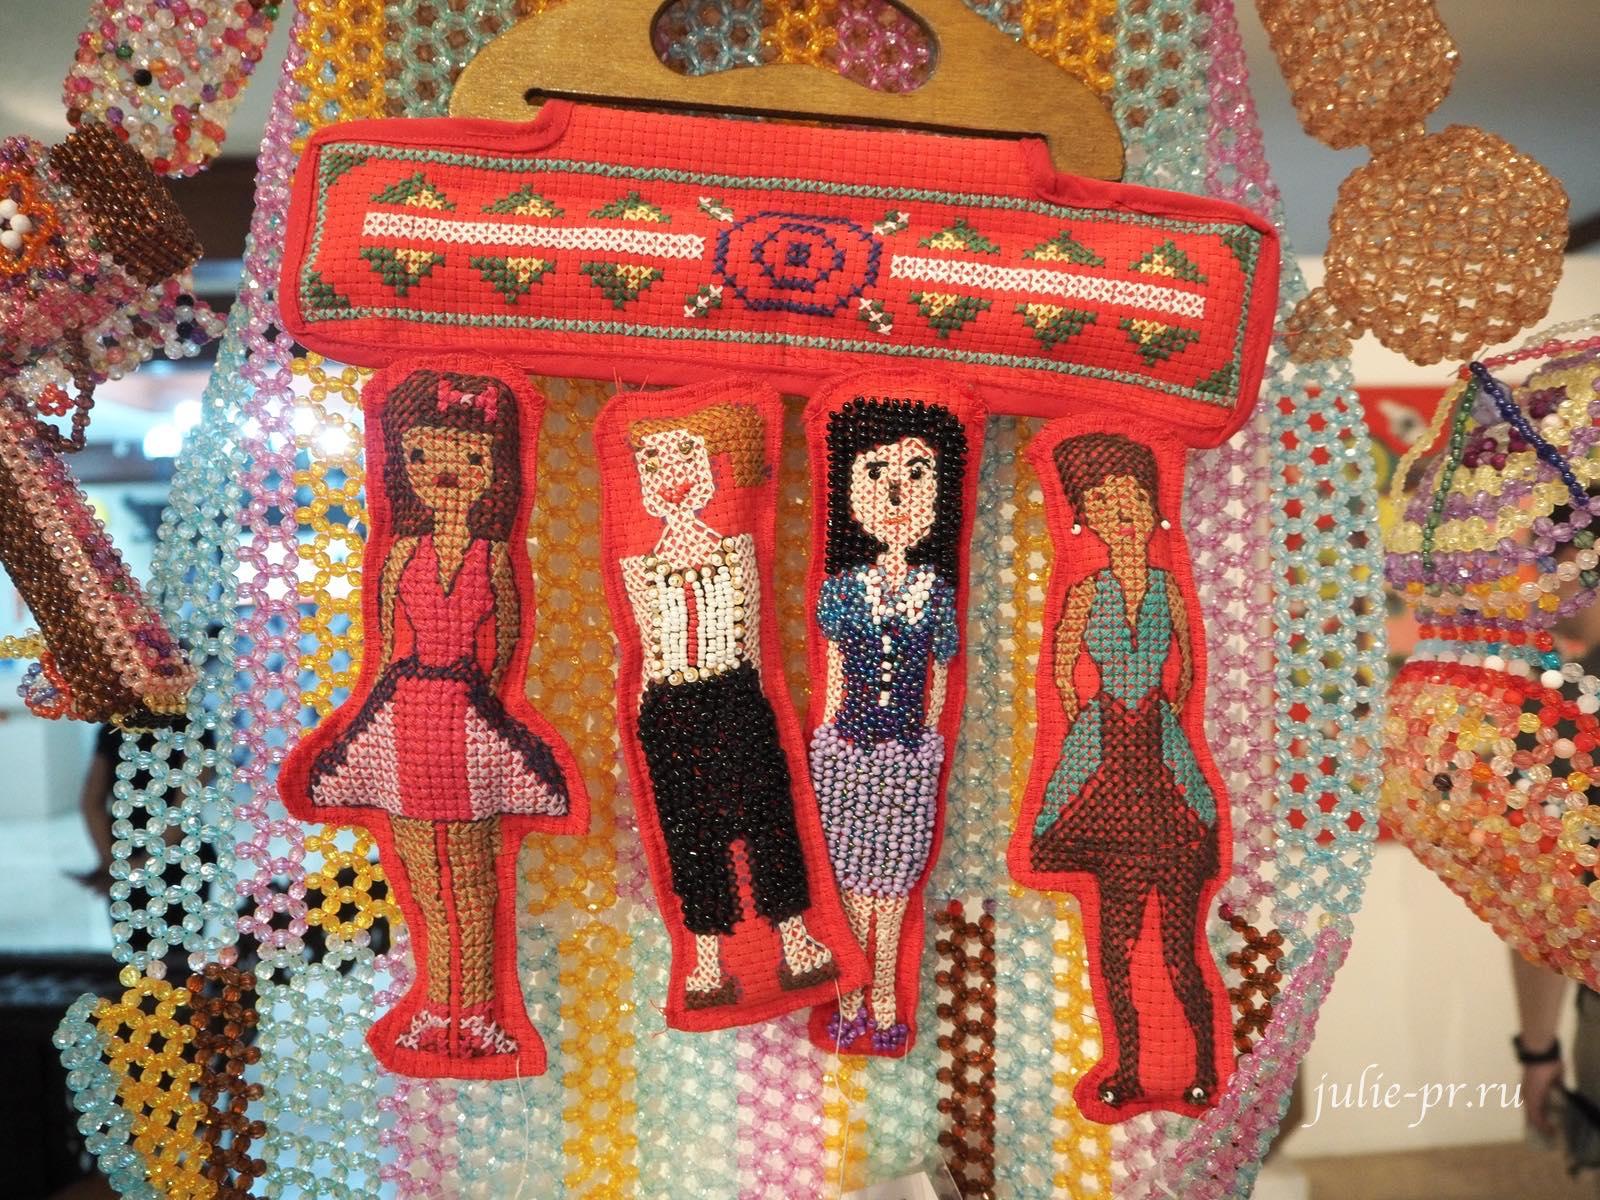 inday dolls, куклы выставка, Bayaning Inday, вышивка, Филиппины, Манила, вышивка крестом